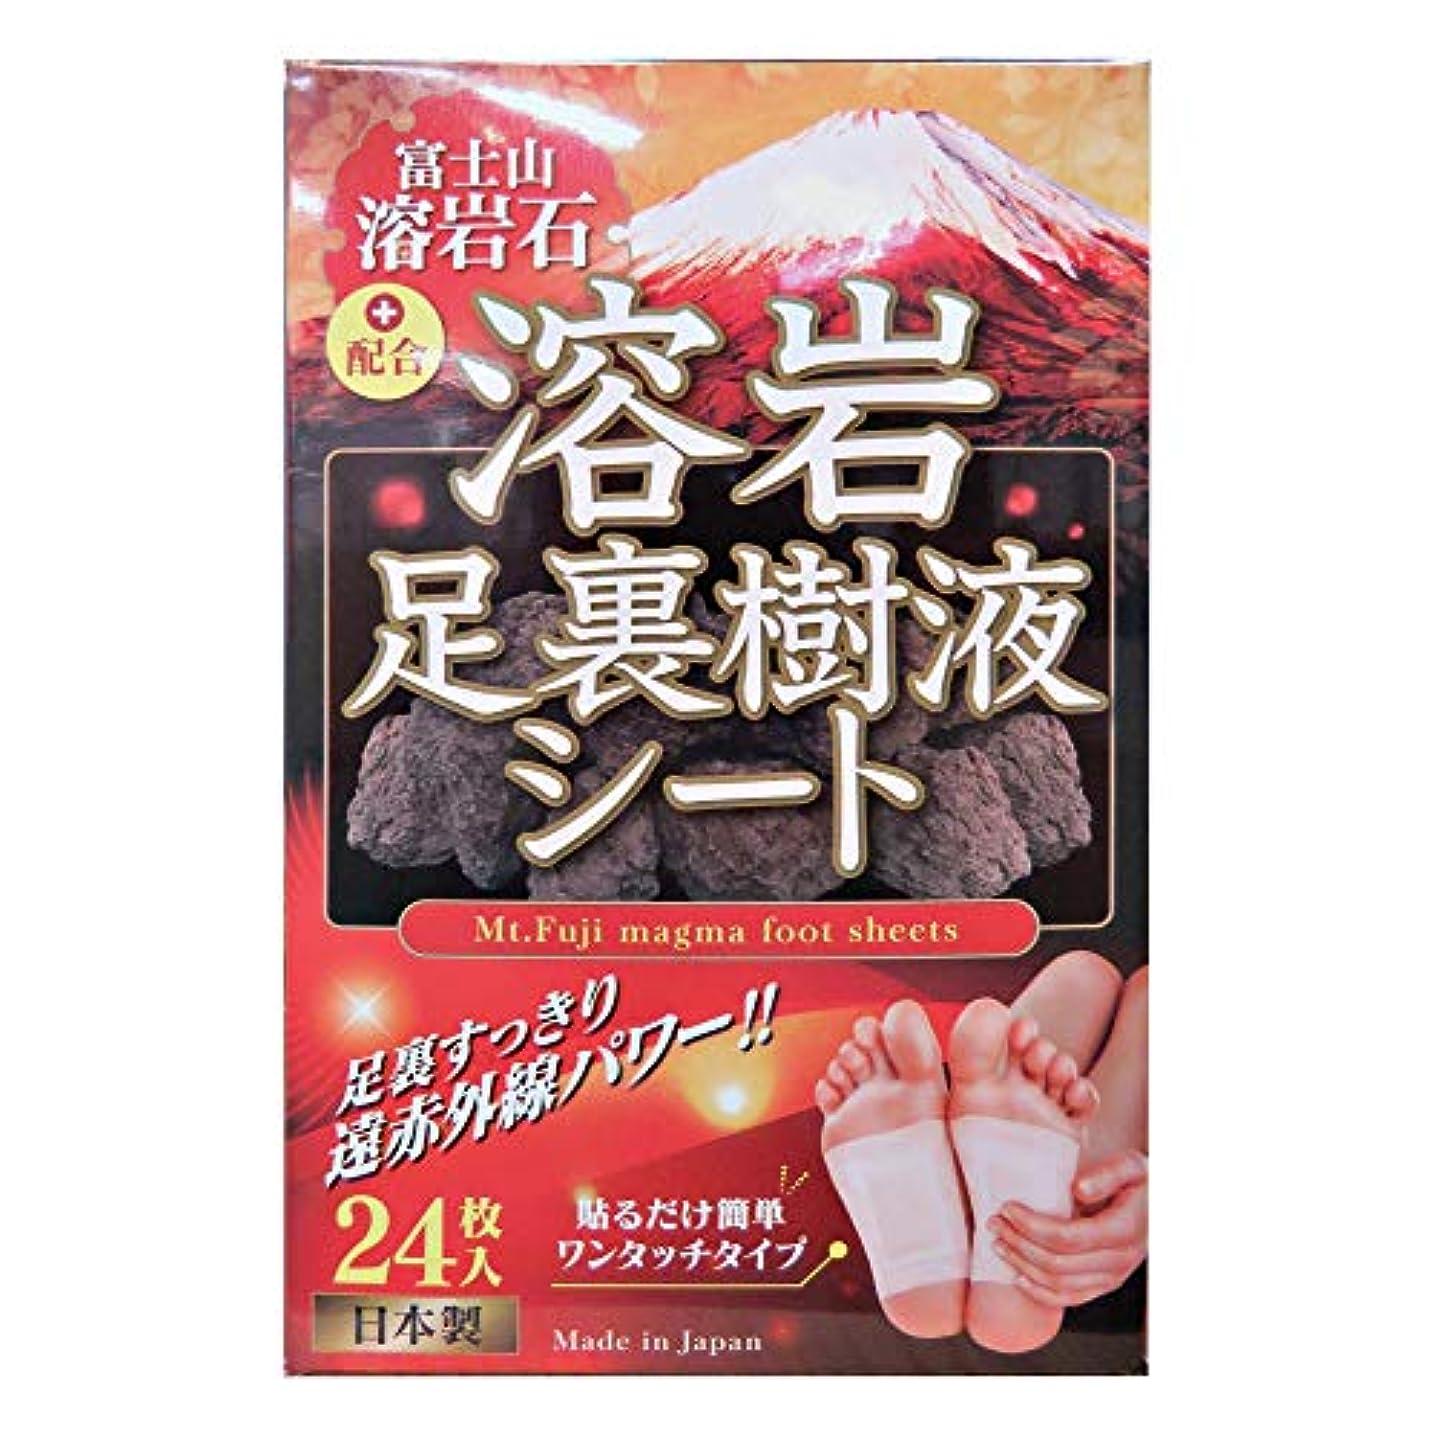 倒錯恥ずかしい蒸気富士山溶岩石配合 溶岩足裏樹液シート(24枚)